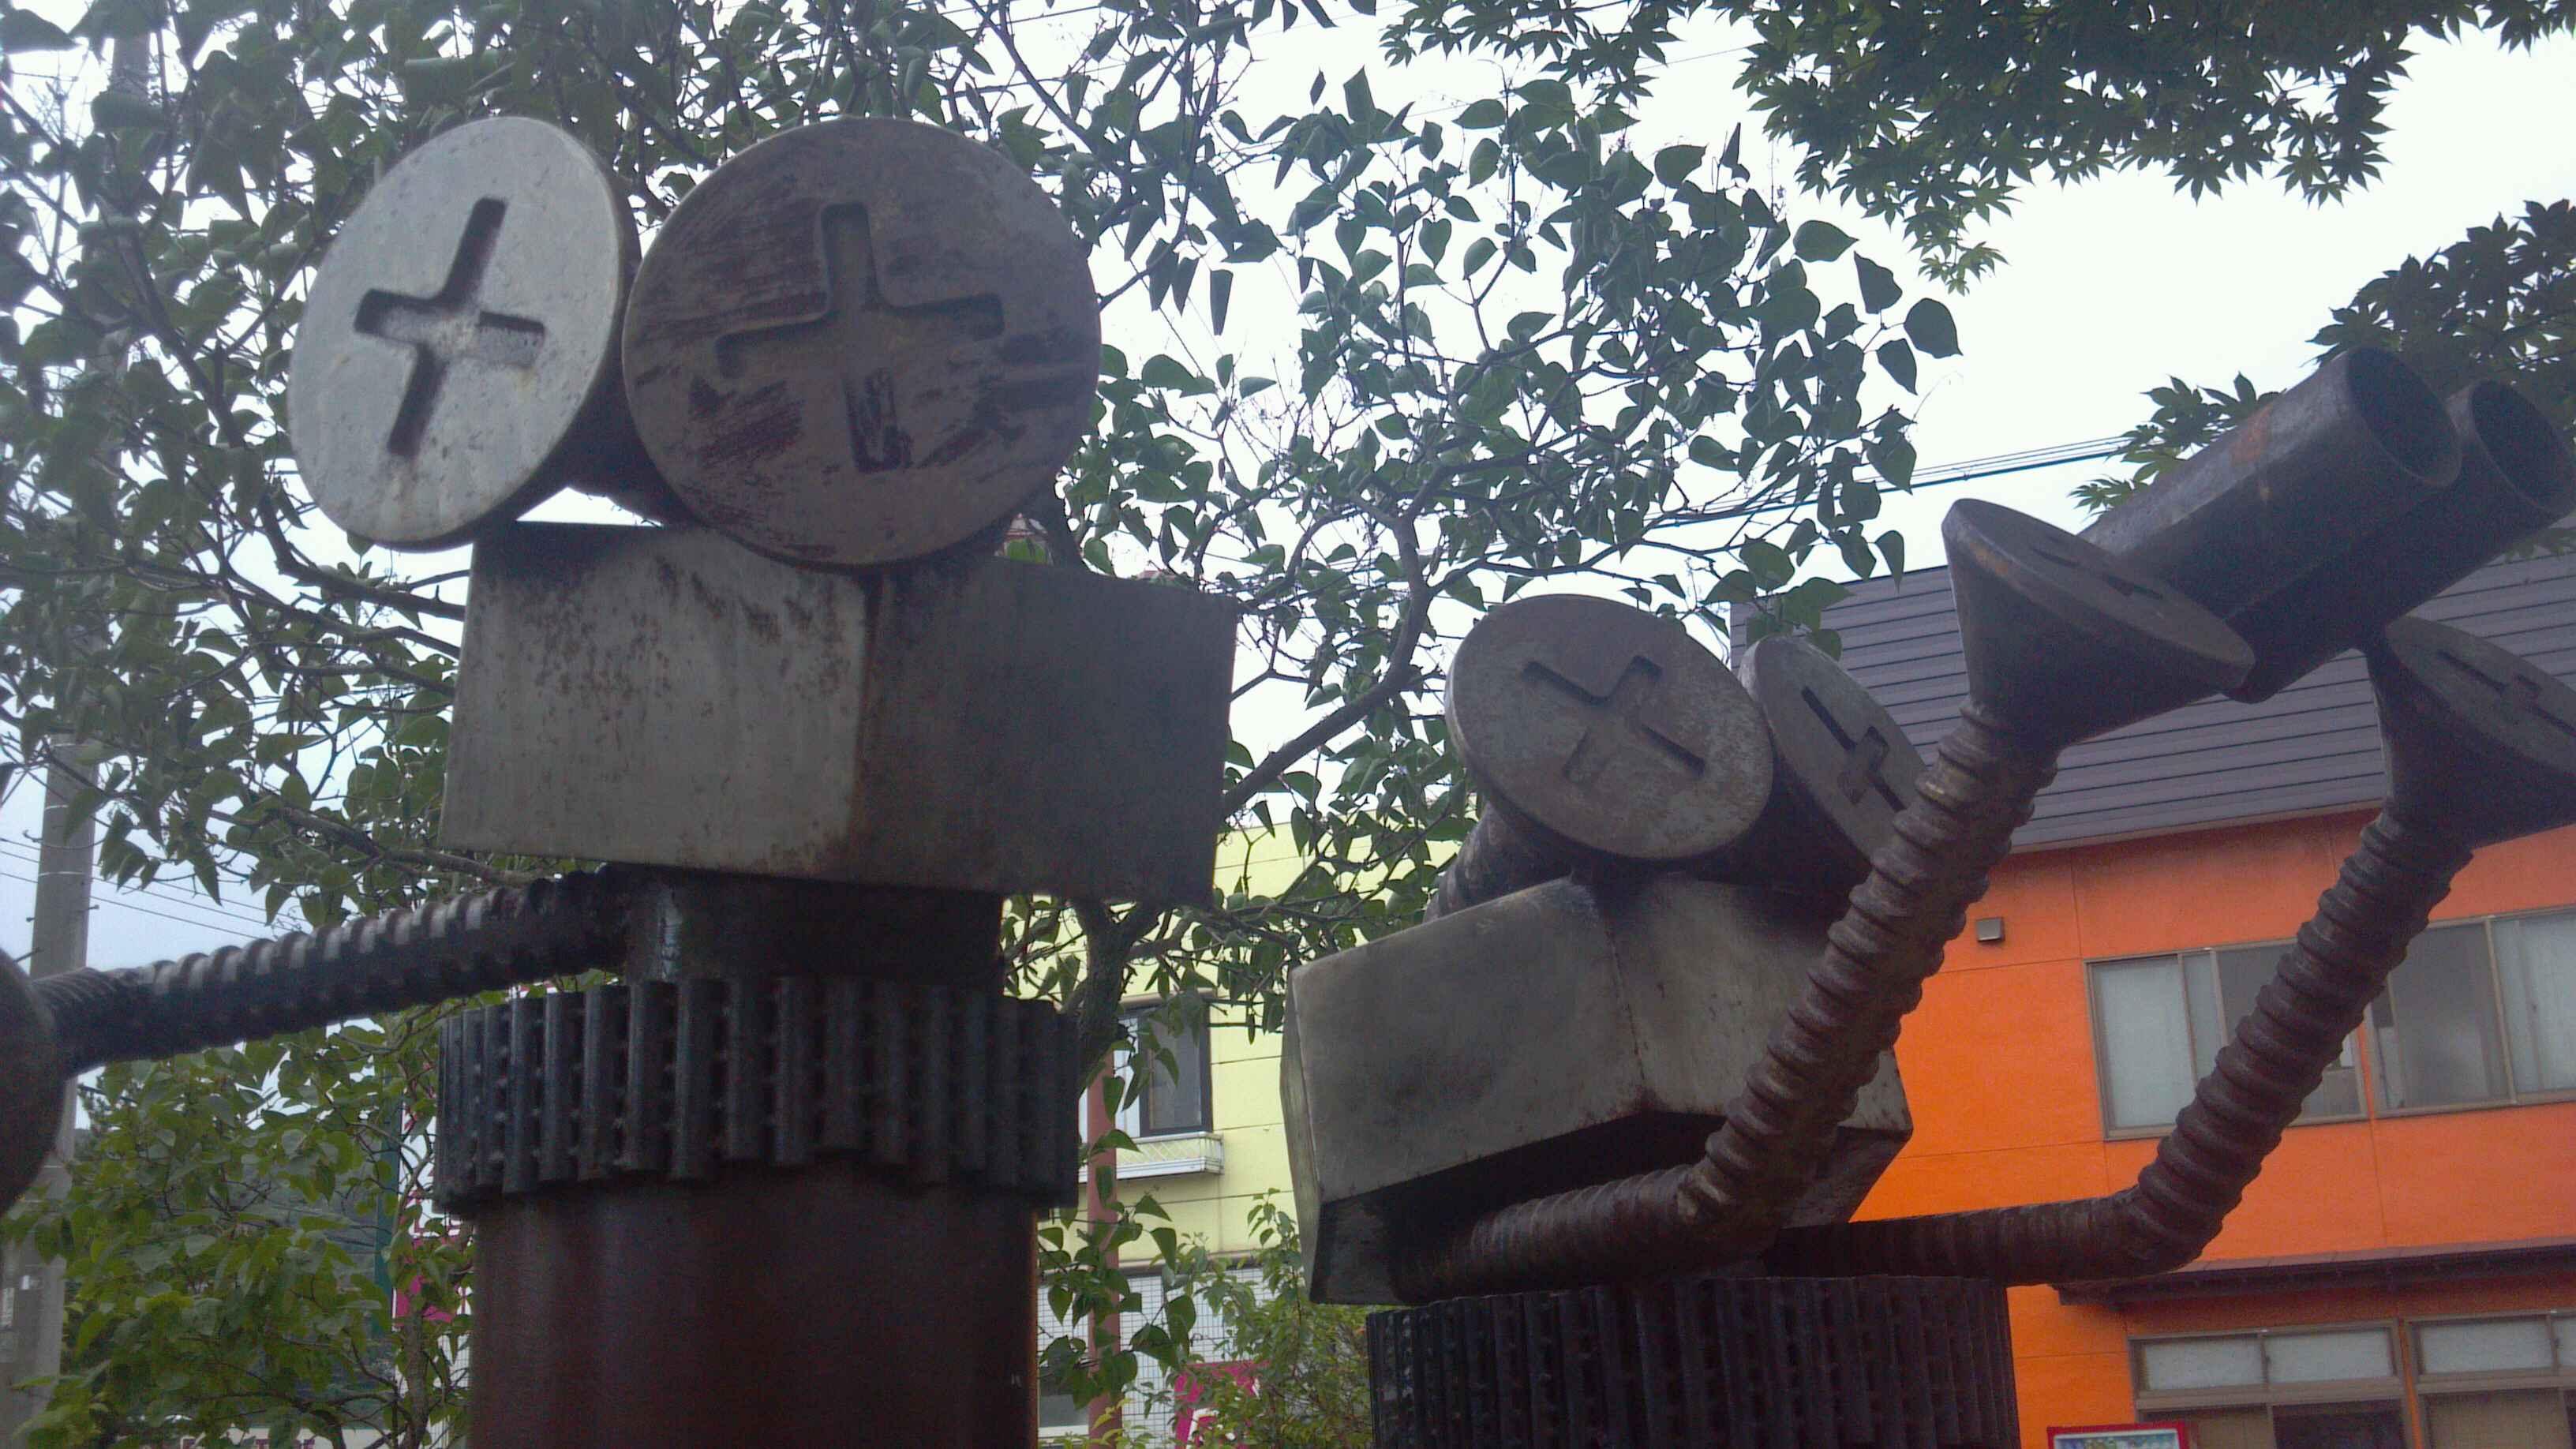 【風景】輪西町のボルタ人形